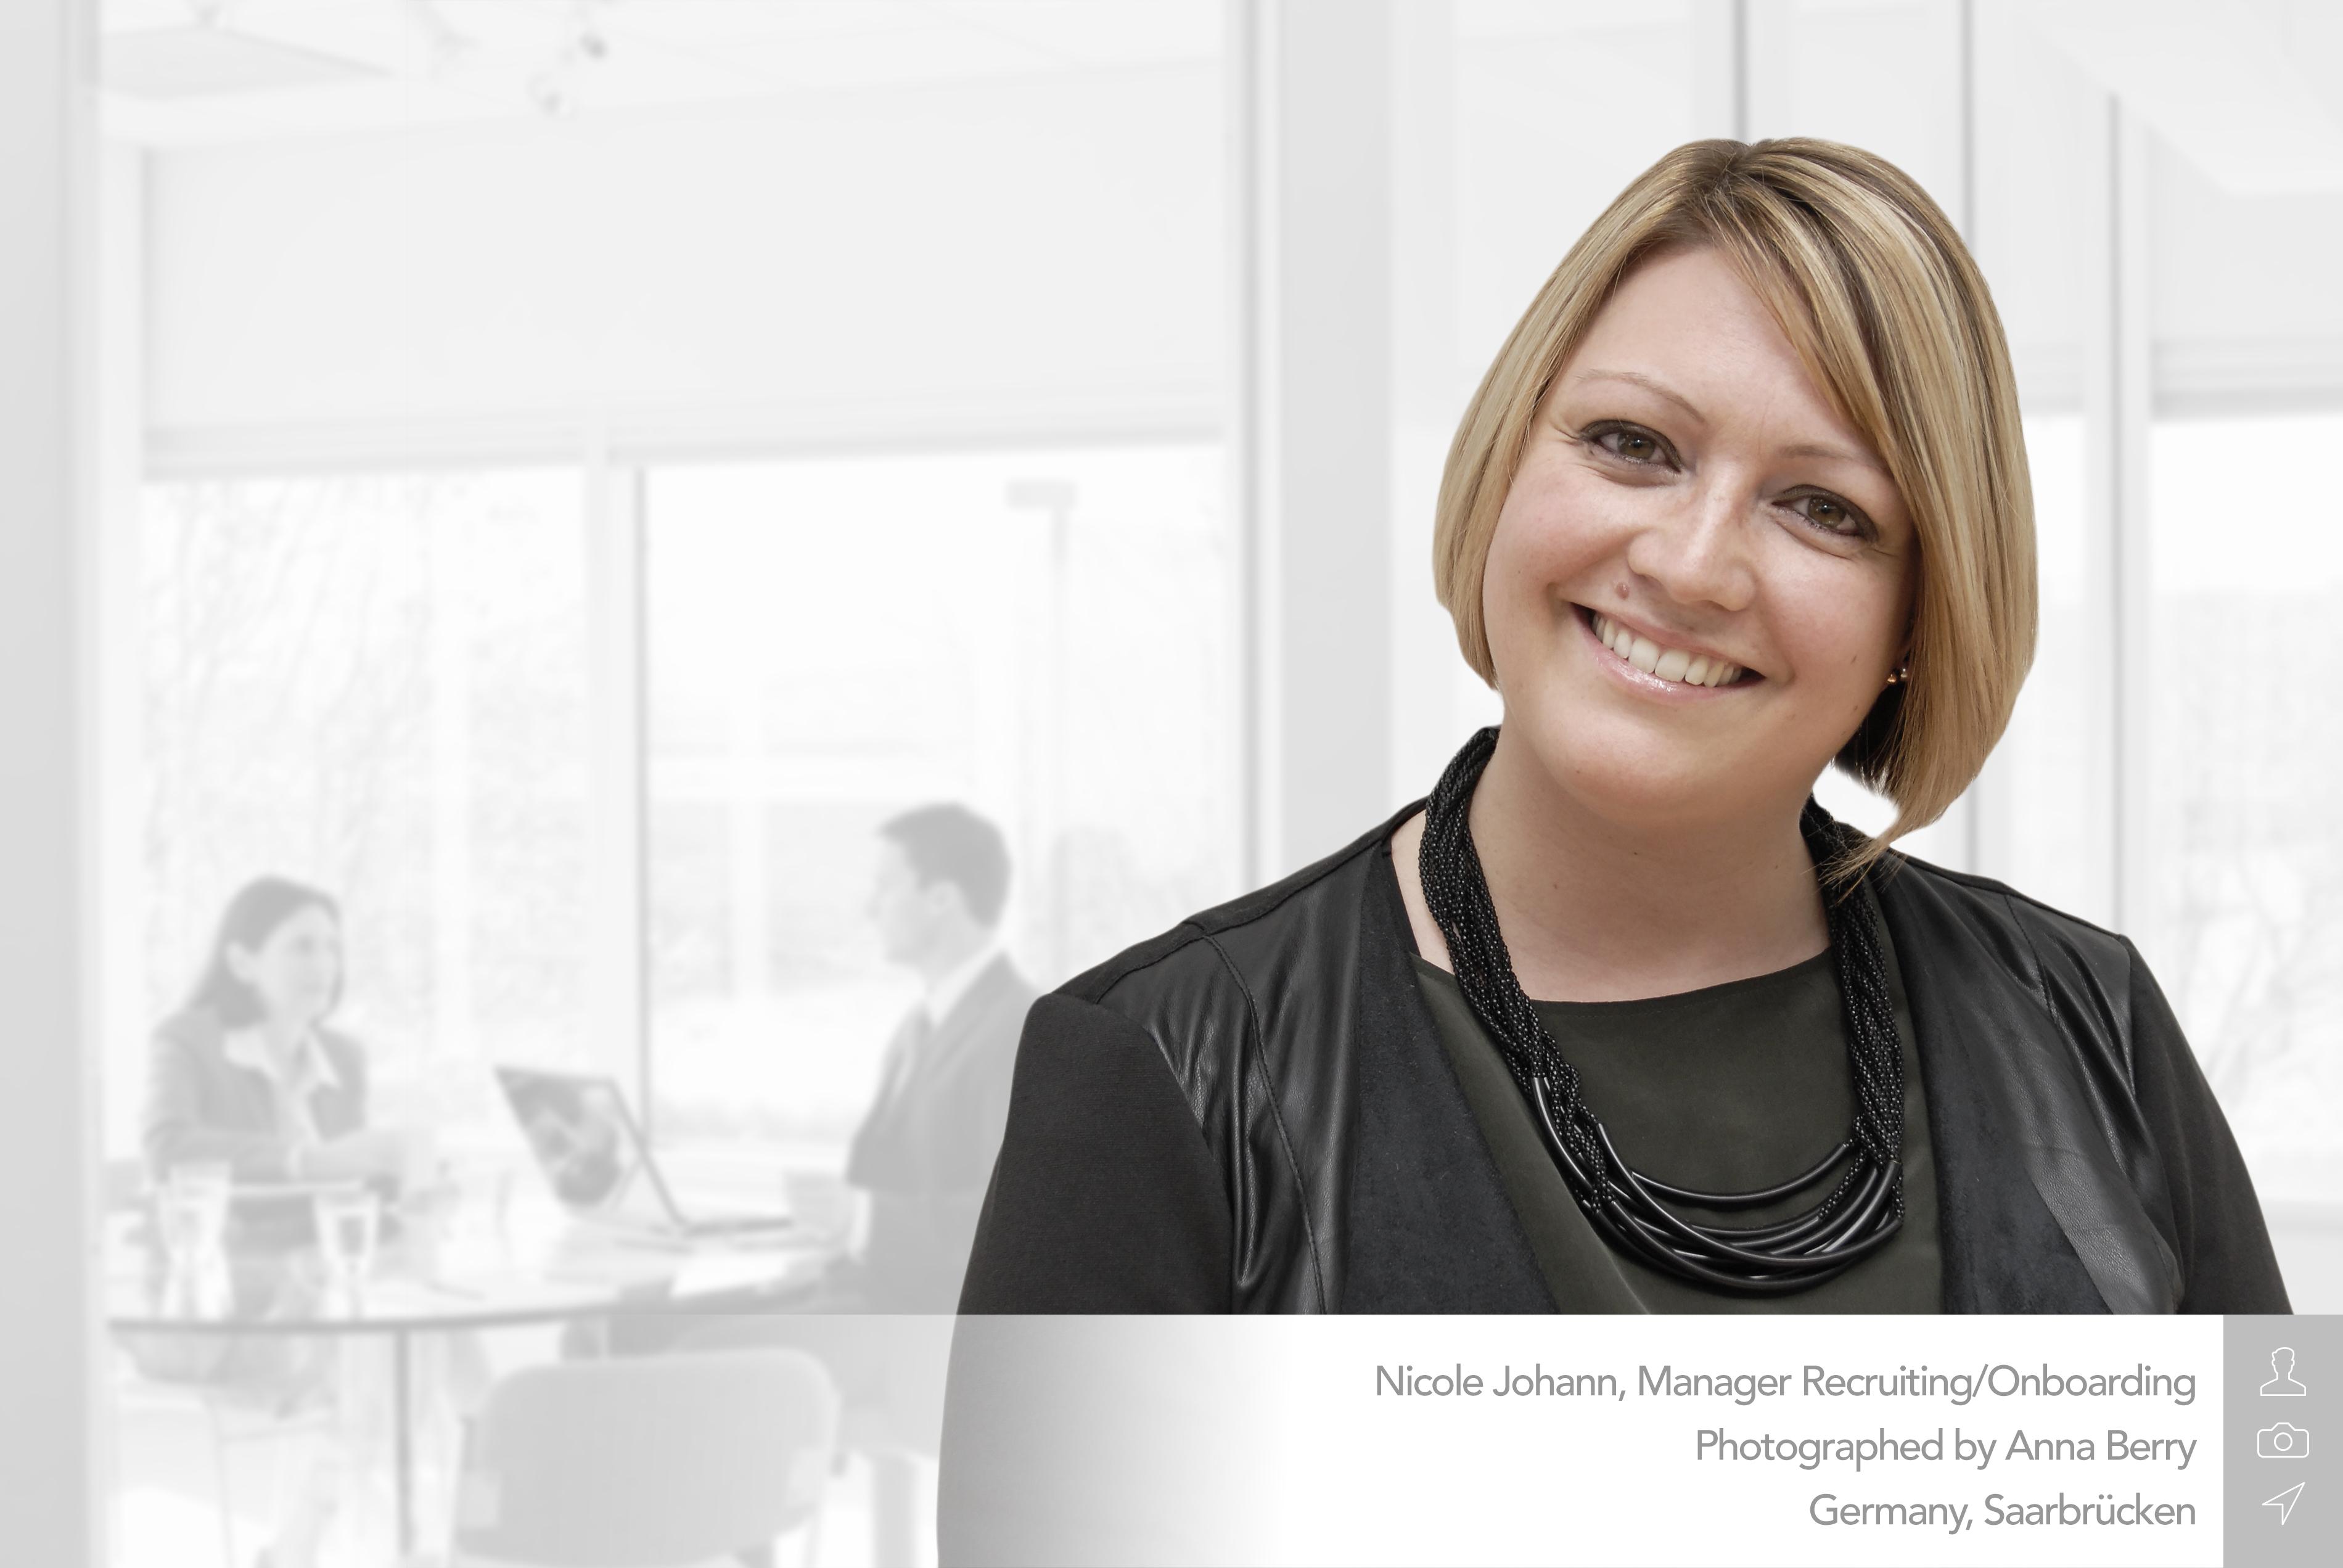 Software Deutschland als Arbeitgeber: Gehalt, Karriere, Benefits ...